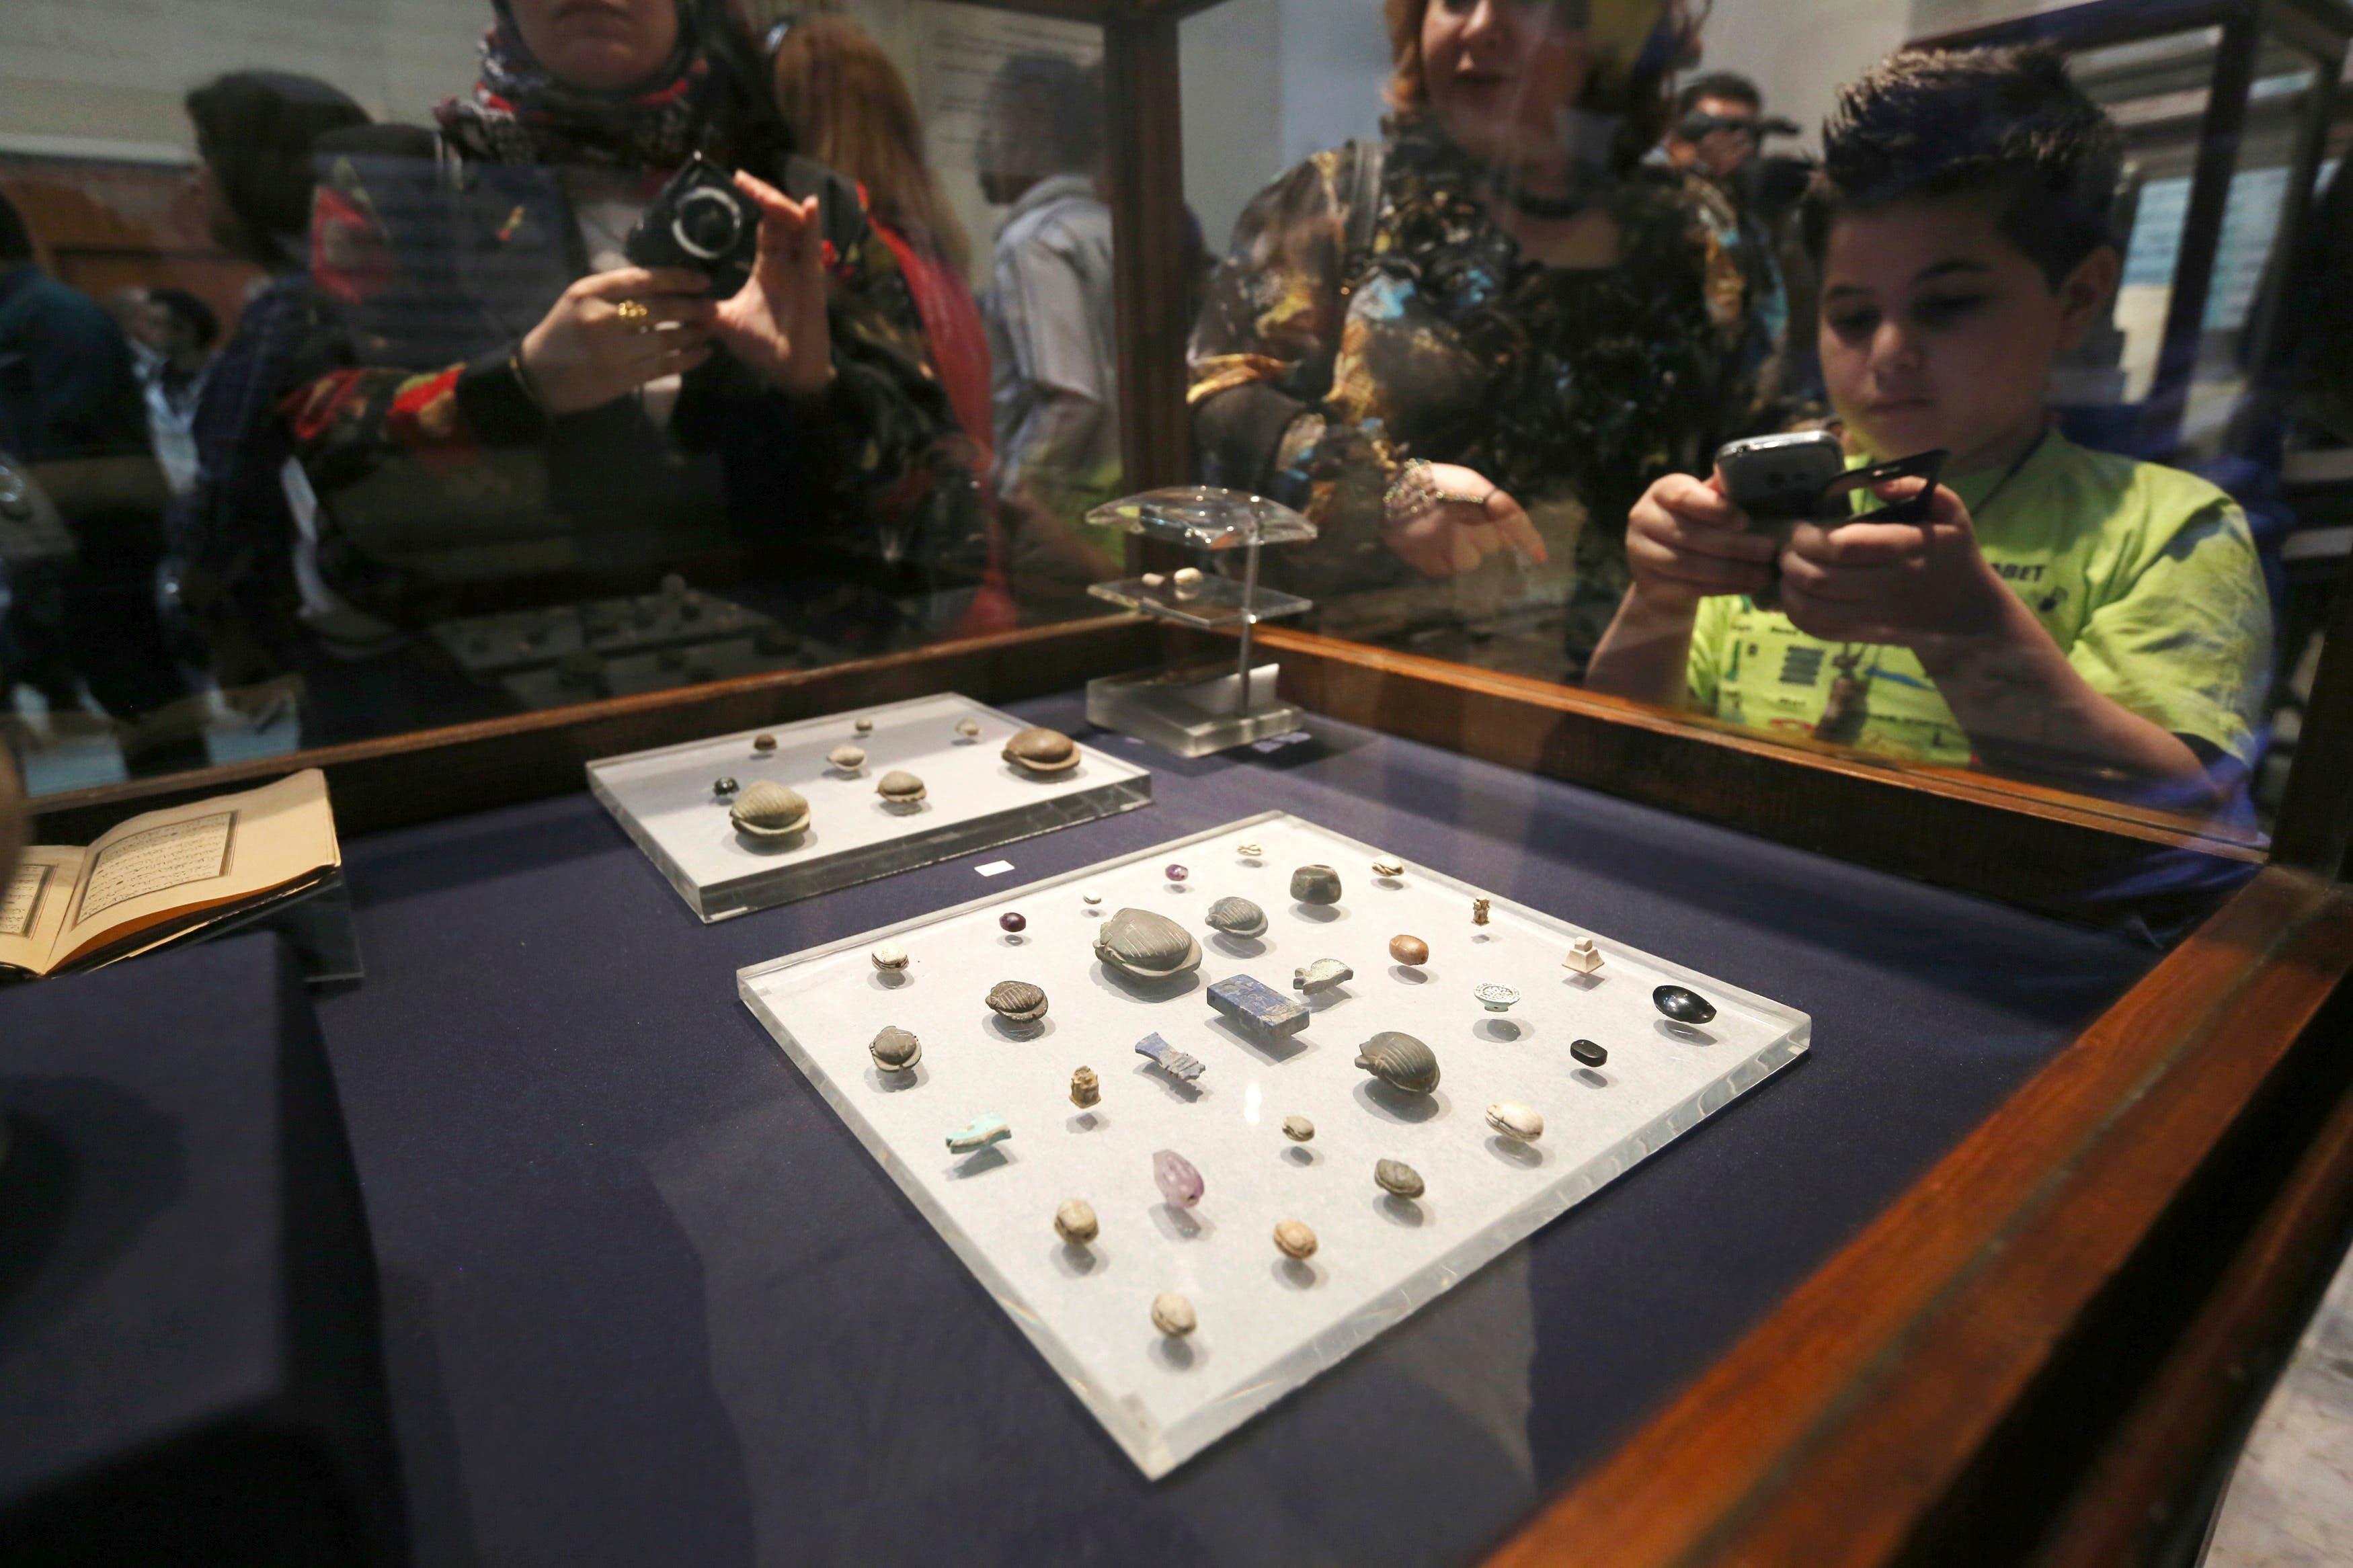 Egypt repatriates artifacts, inaugurates museum